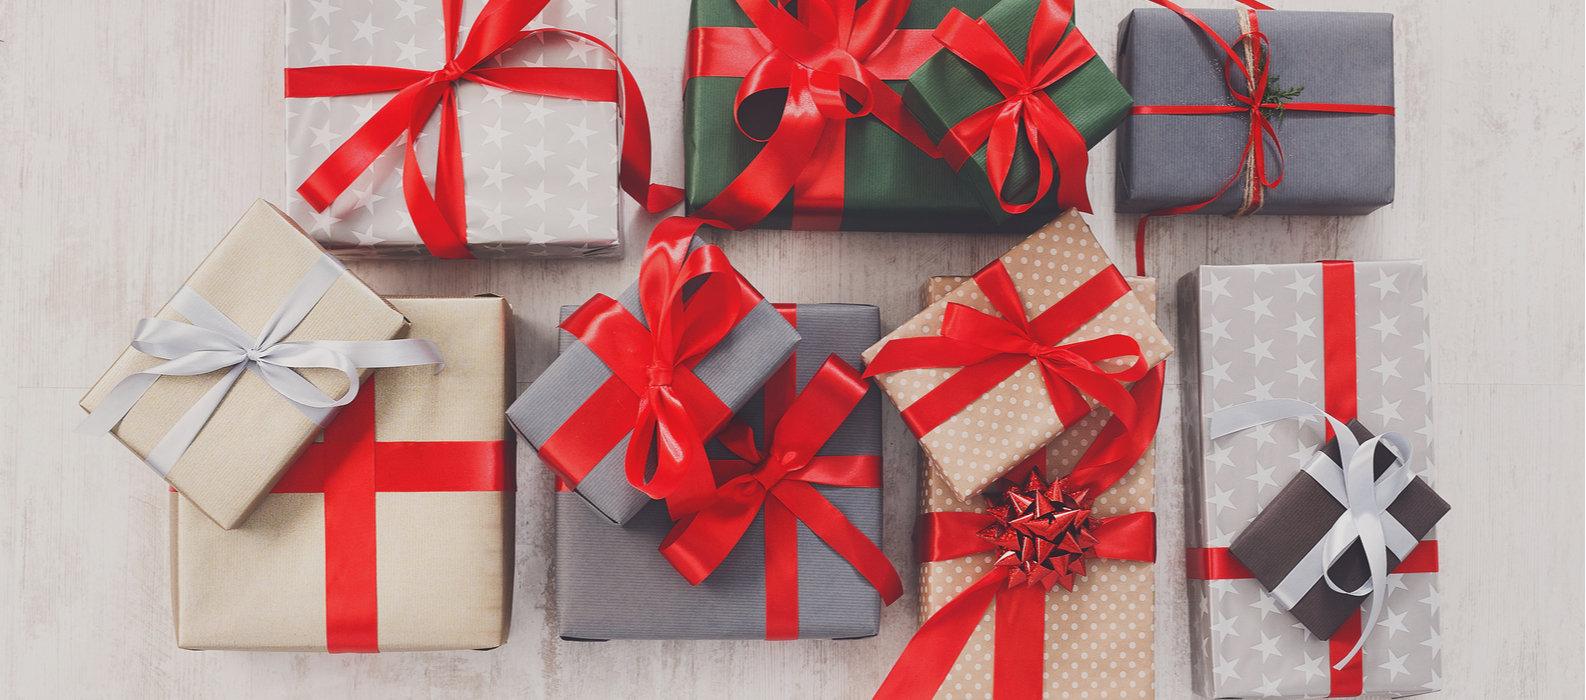 Pierścionki, ciepłe skarpety i pluszaki – świąteczne hity na instagramie